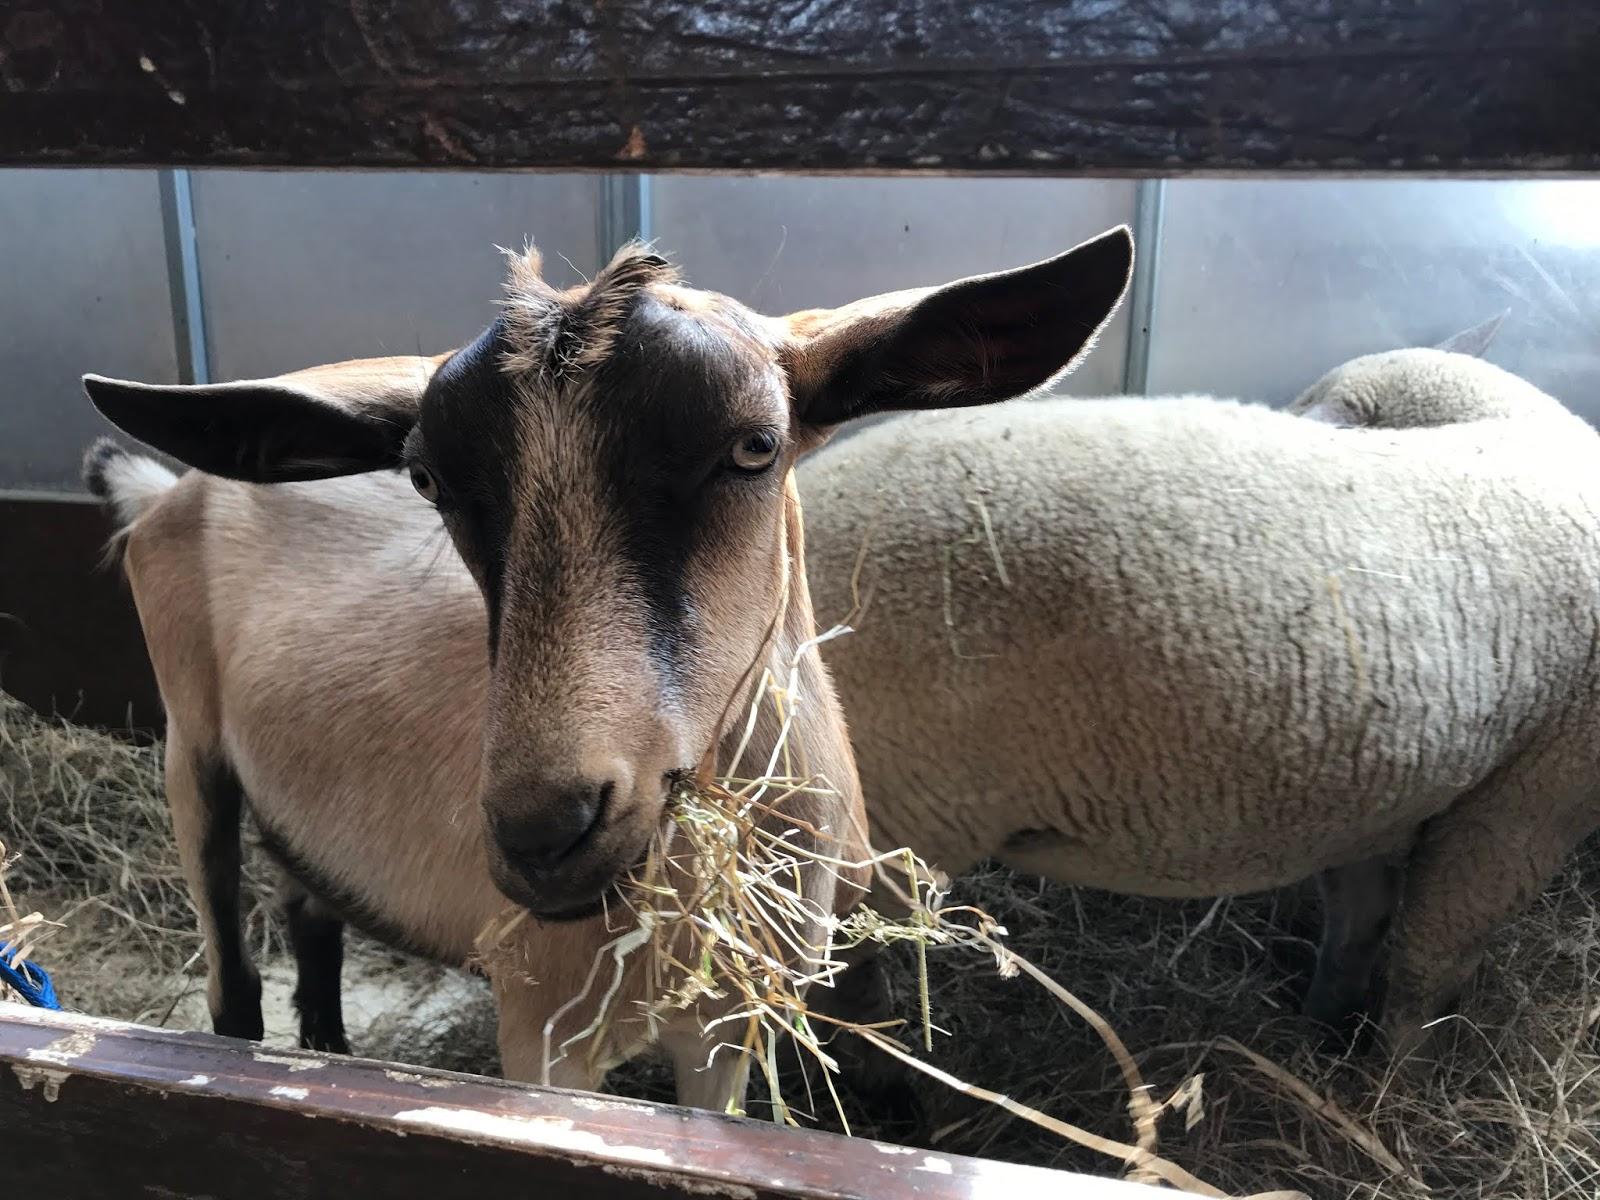 Birthday Party Animals - Goat